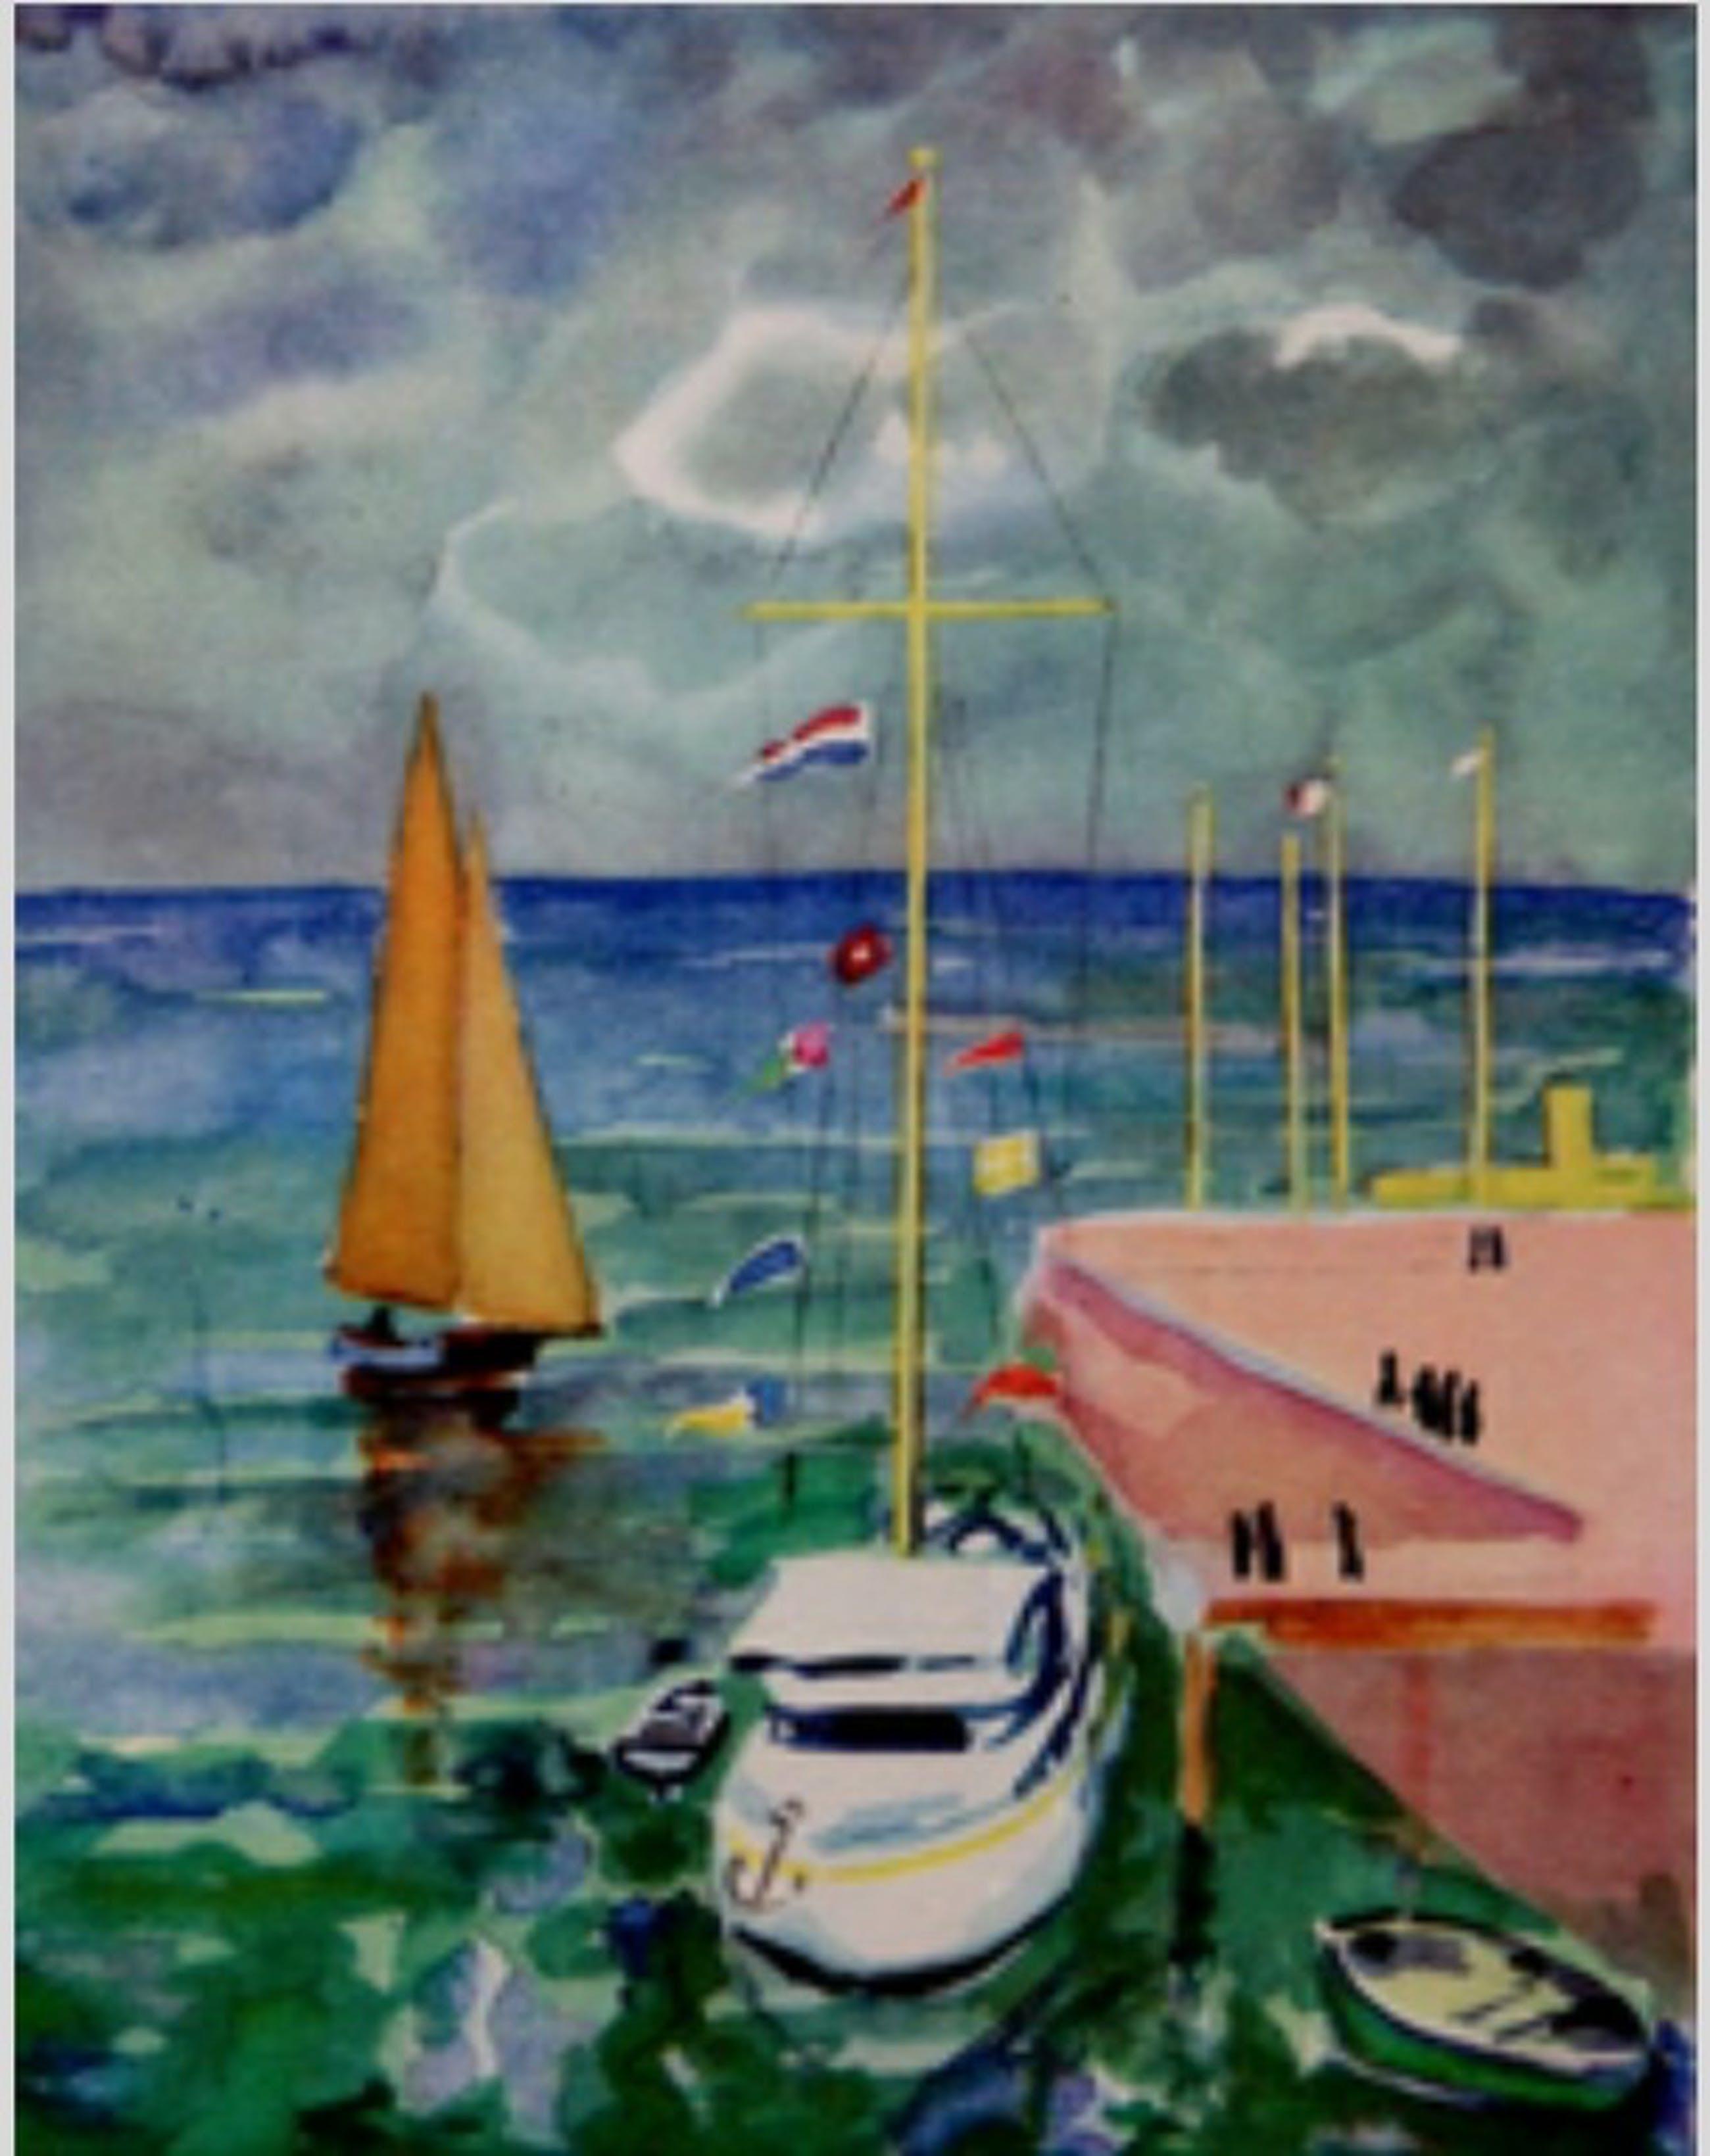 Orginele illustratie uit 1947 van Kees van Dongen. Inclusief certificaat kopen? Bied vanaf 39!